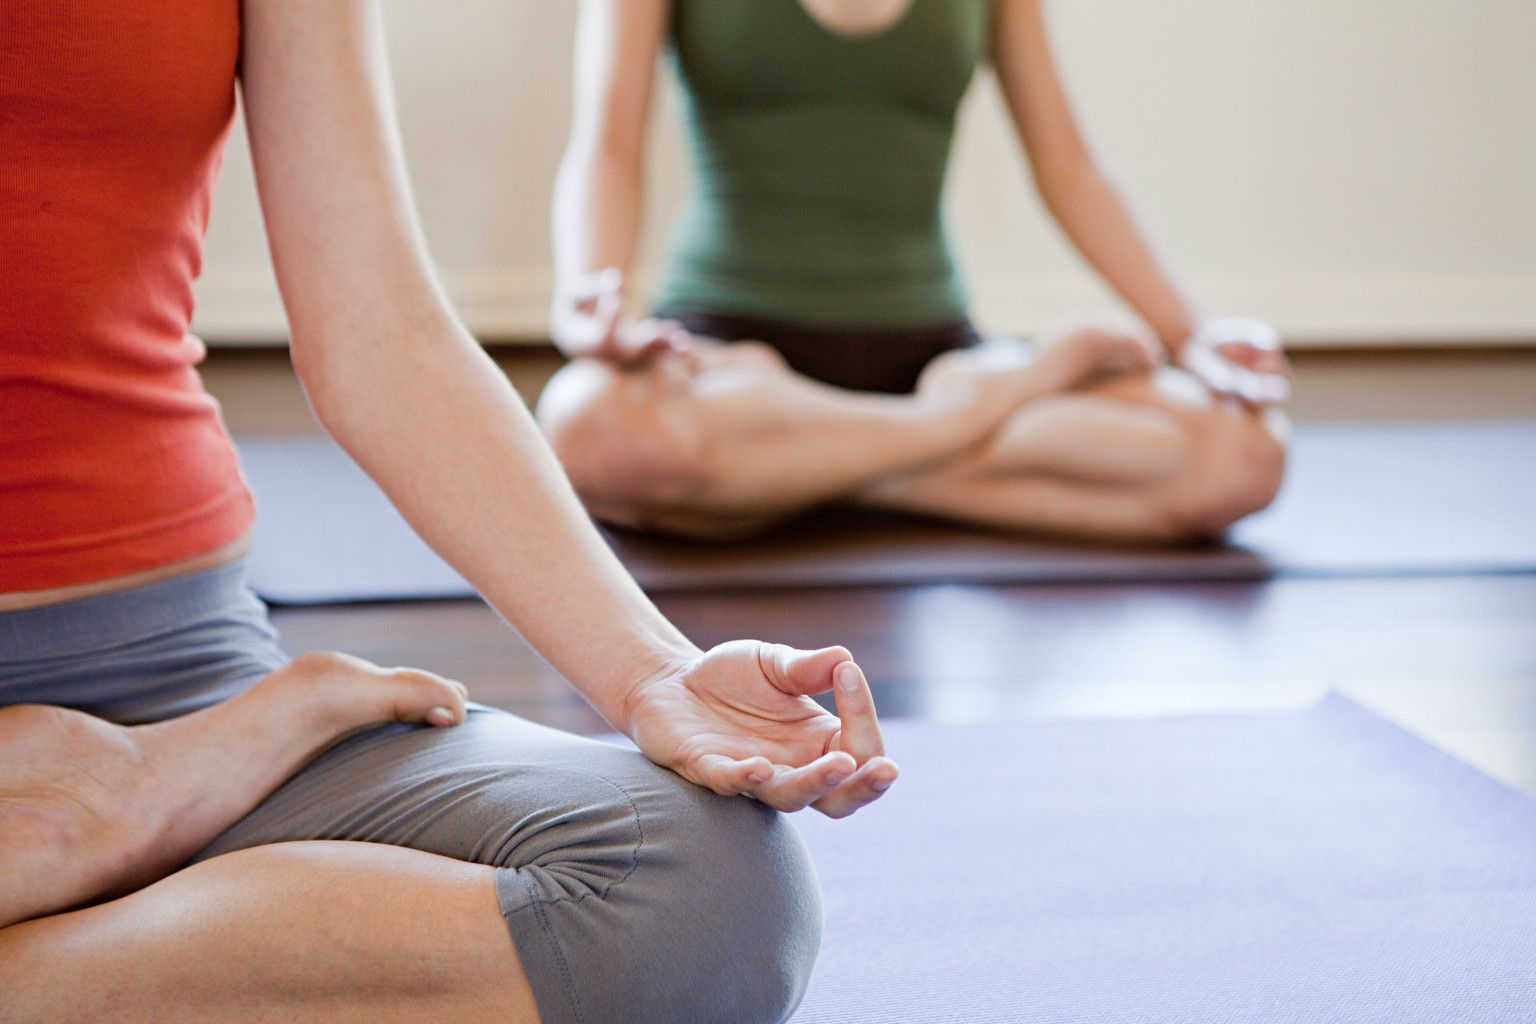 Tập thiền, thư giãn bằng âm nhạc, luyện khí công, yoga cũng là những liệu pháp giúp hạn chế tình trạng mất ngủ ở người bệnh.